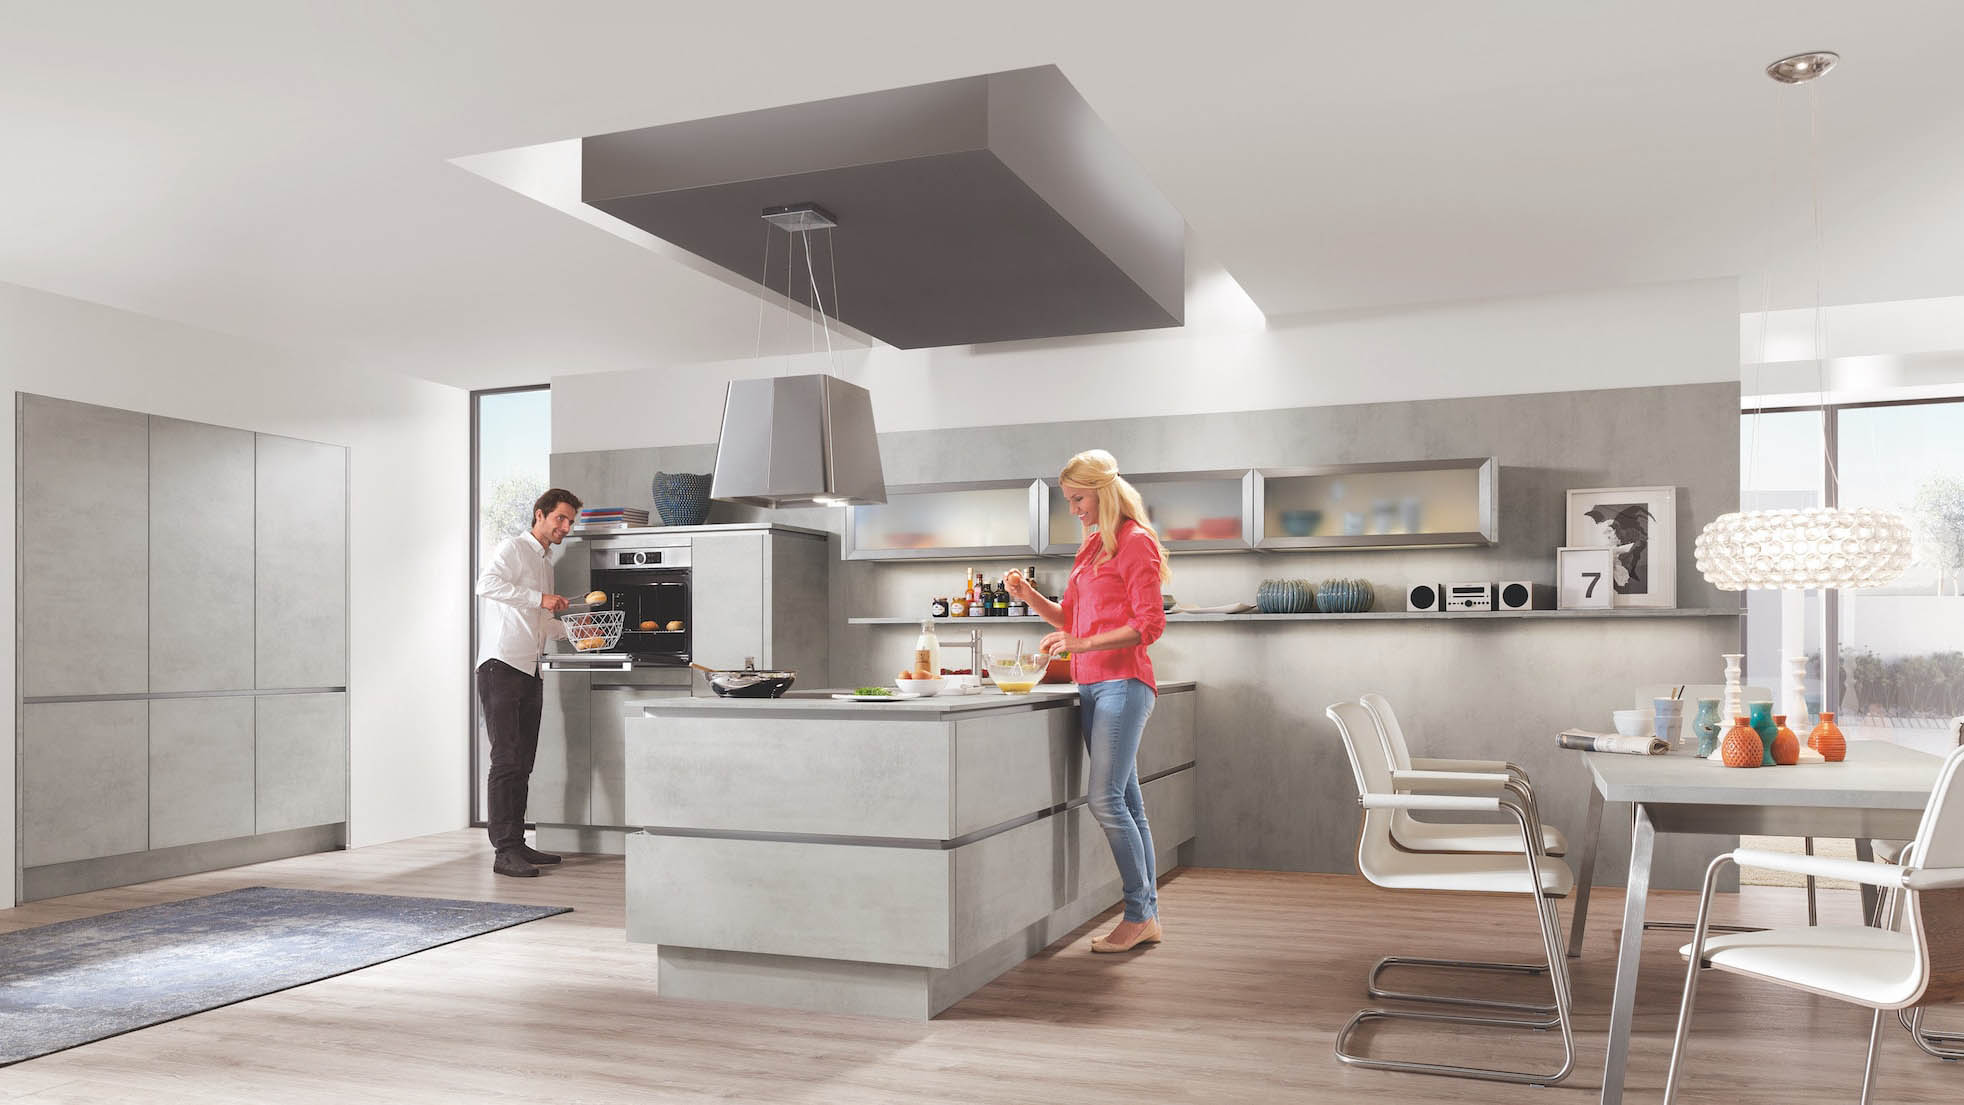 Full Size of Kcheninsel Moderne Traumkche Individuell Wohnzimmer Kücheninsel